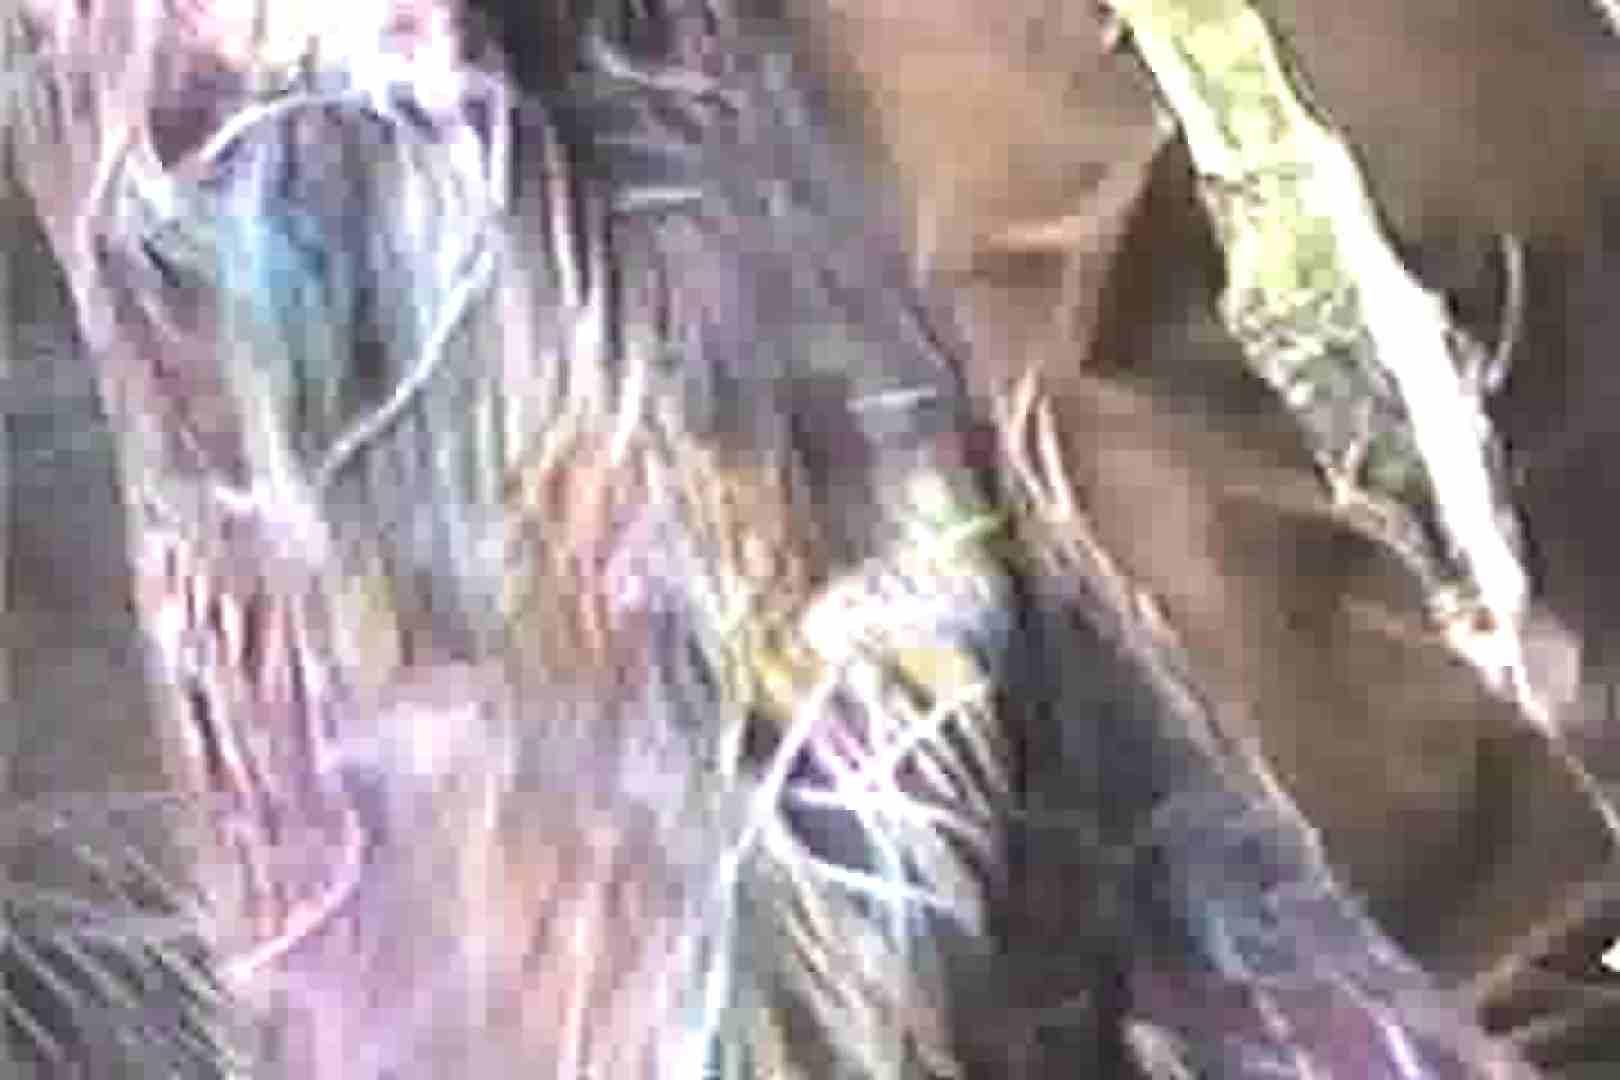 「ちくりん」さんのオリジナル未編集パンチラVol.2_02 OLヌード天国 AV動画キャプチャ 84PIX 46